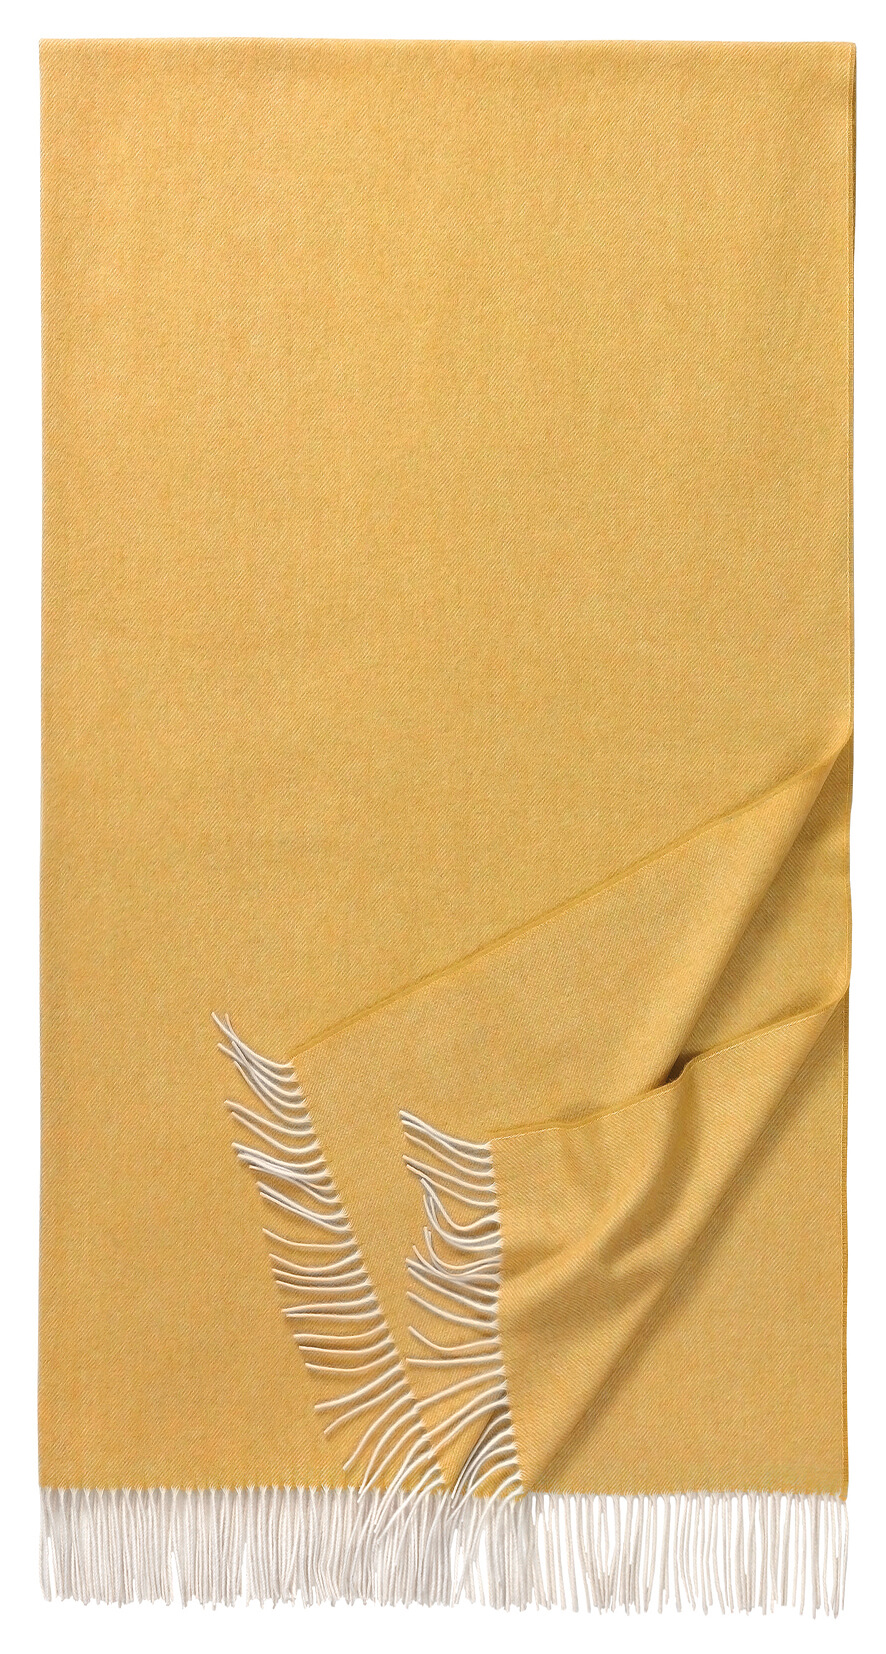 Bild von 012-0045-173, Variante gold